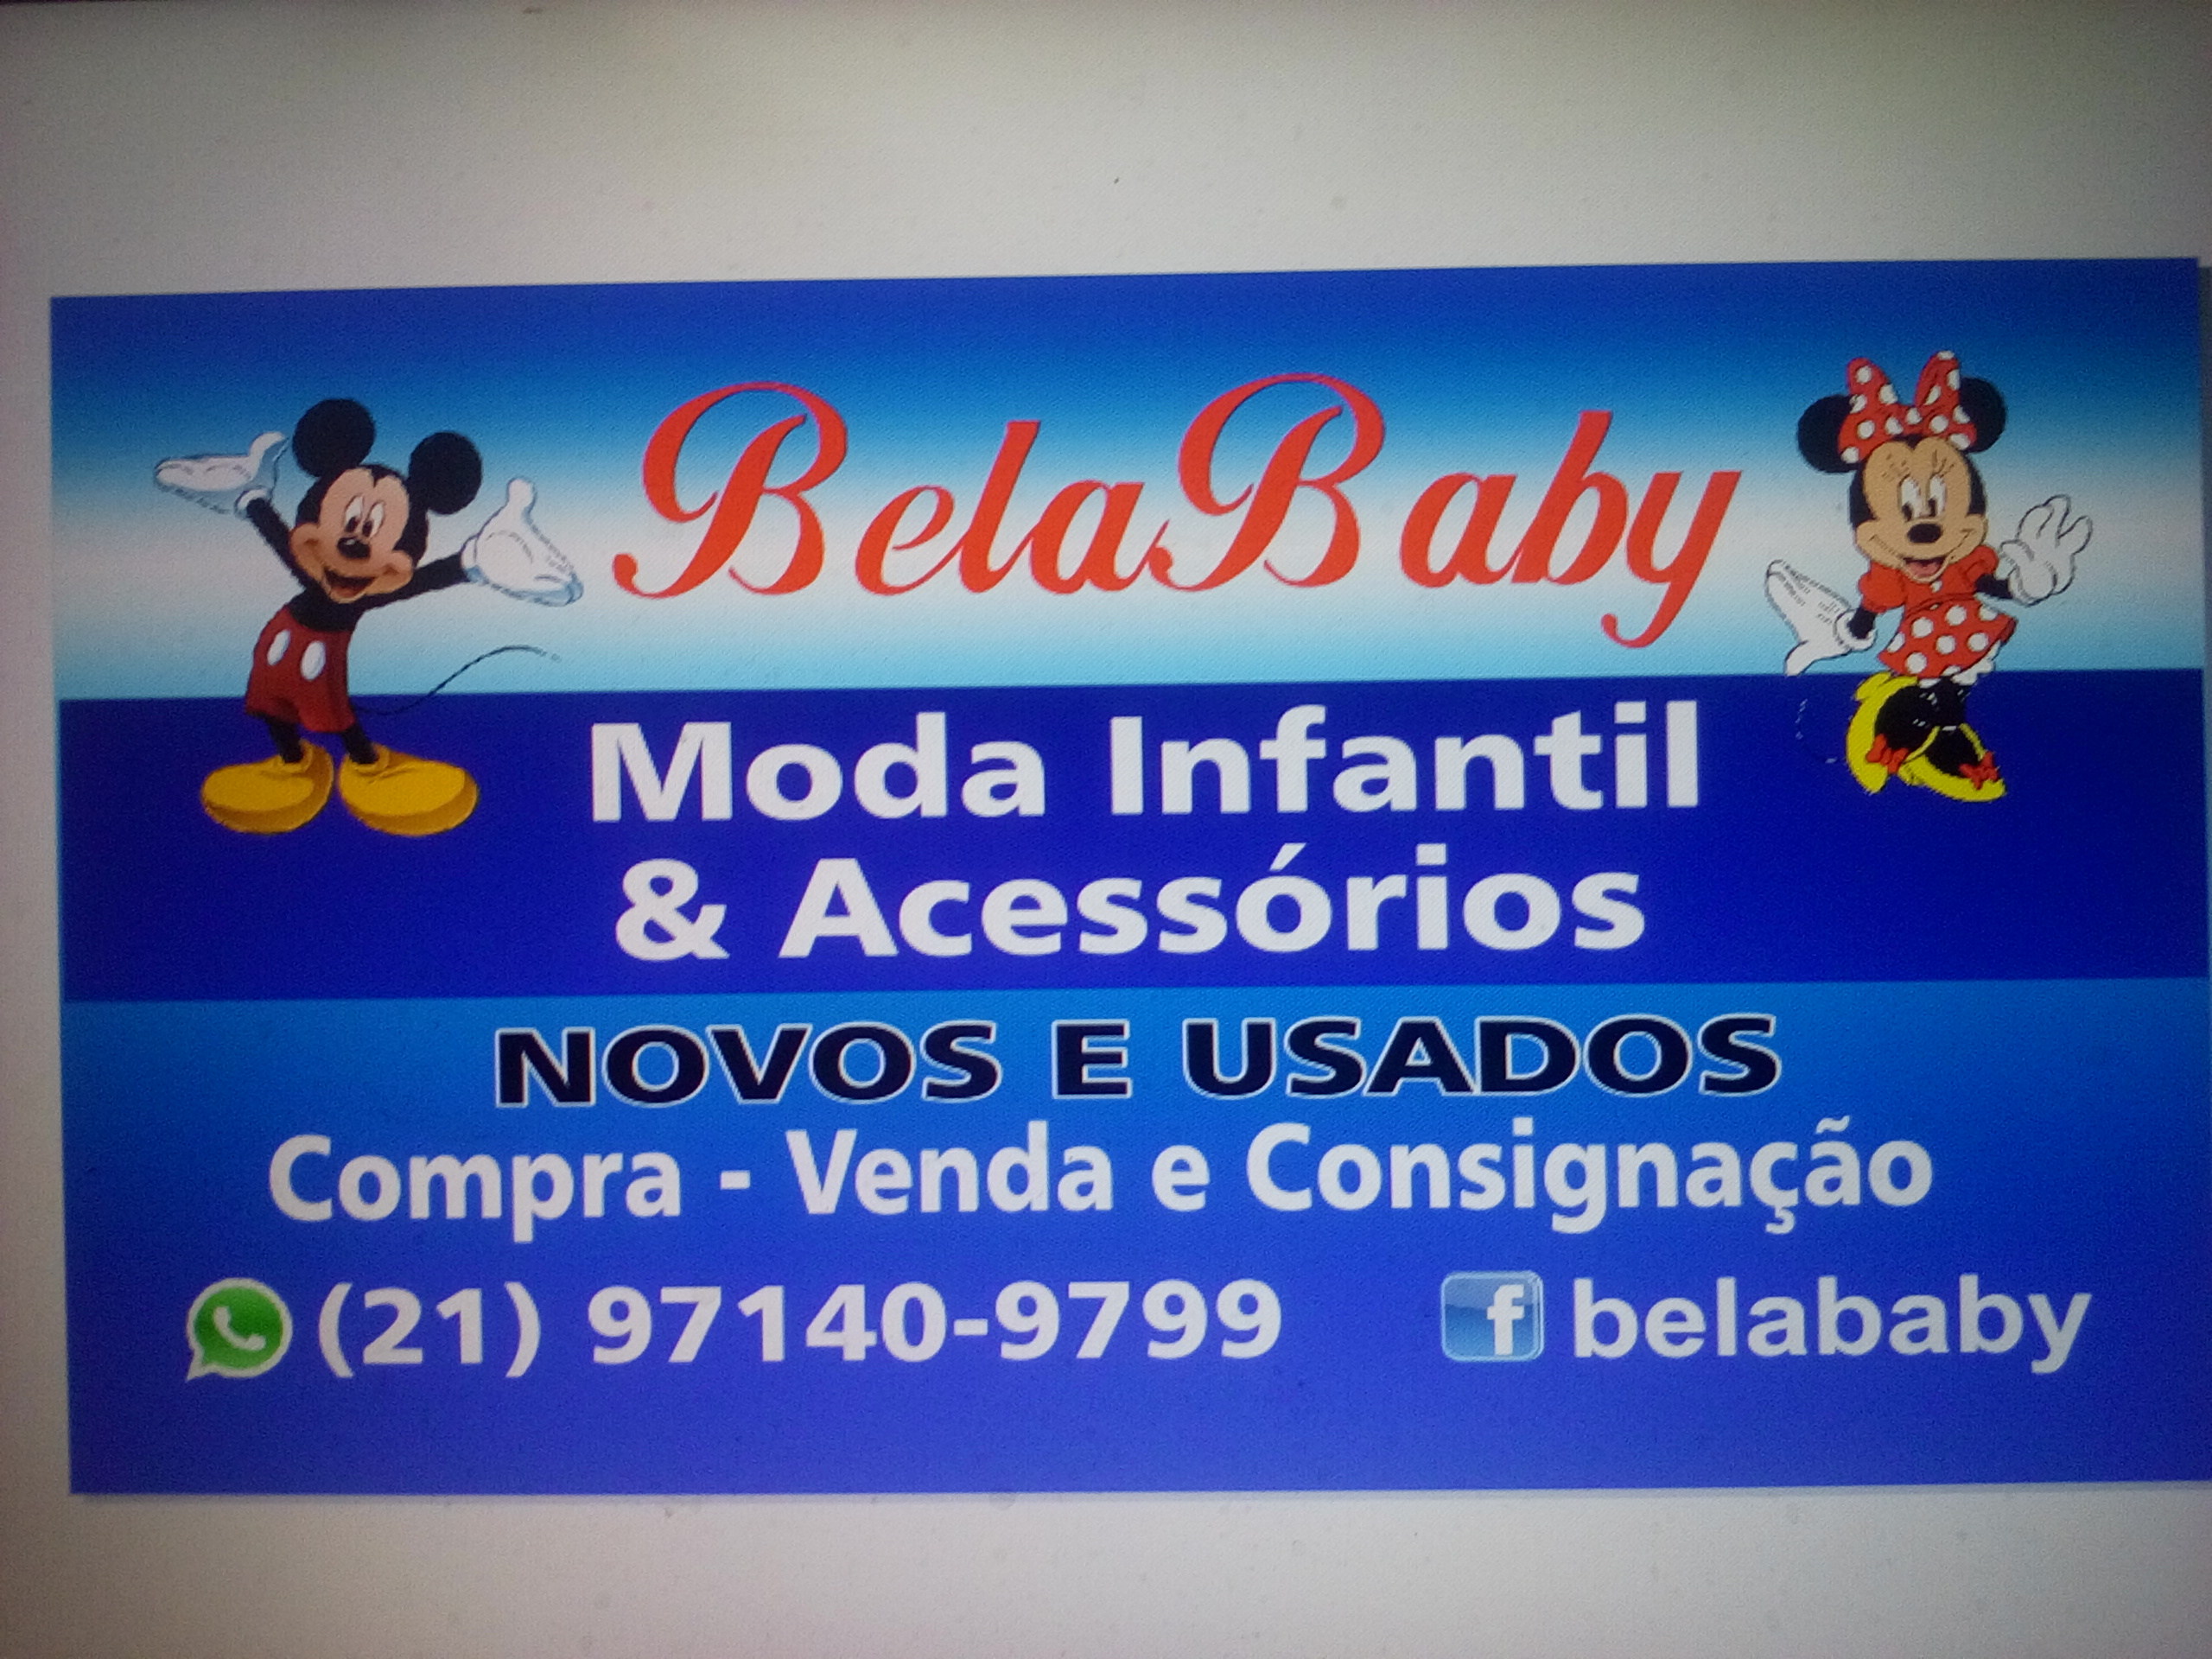 BelaBaby